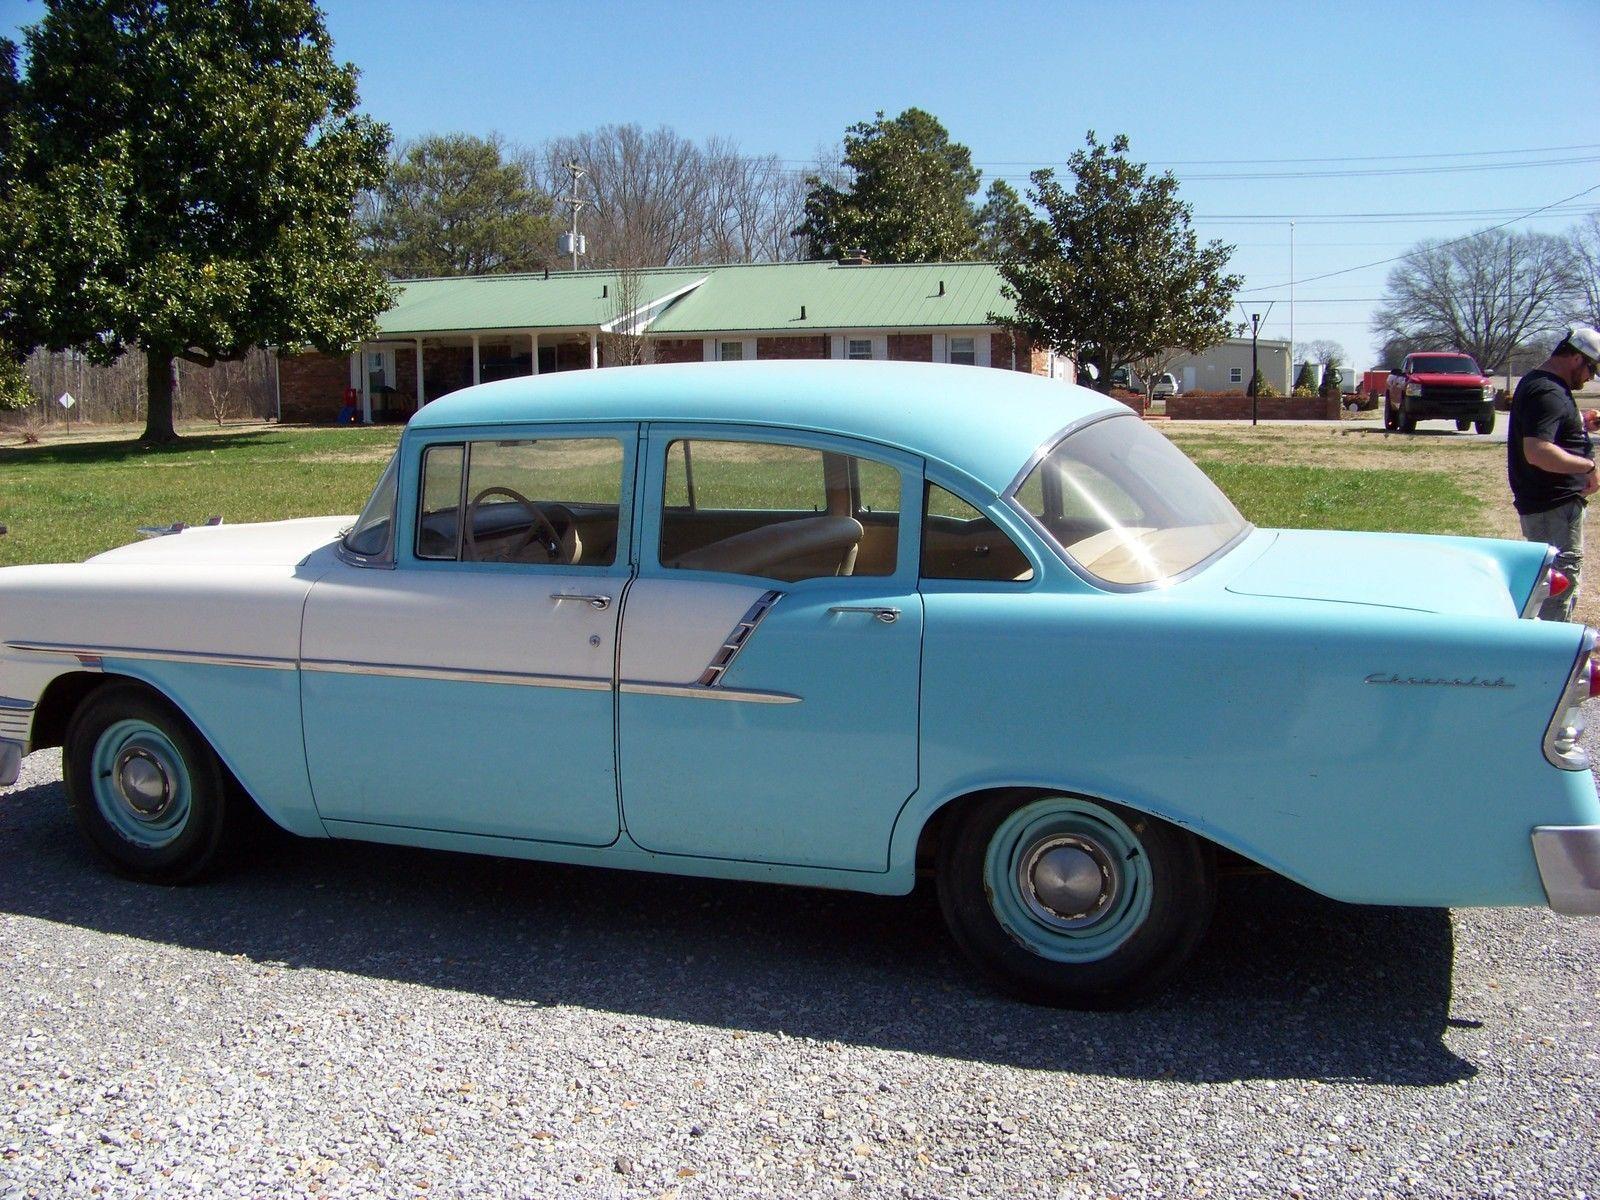 1956 chevrolet bel air 150 4 door sedan chevrolet bel for 1956 chevrolet belair 4 door